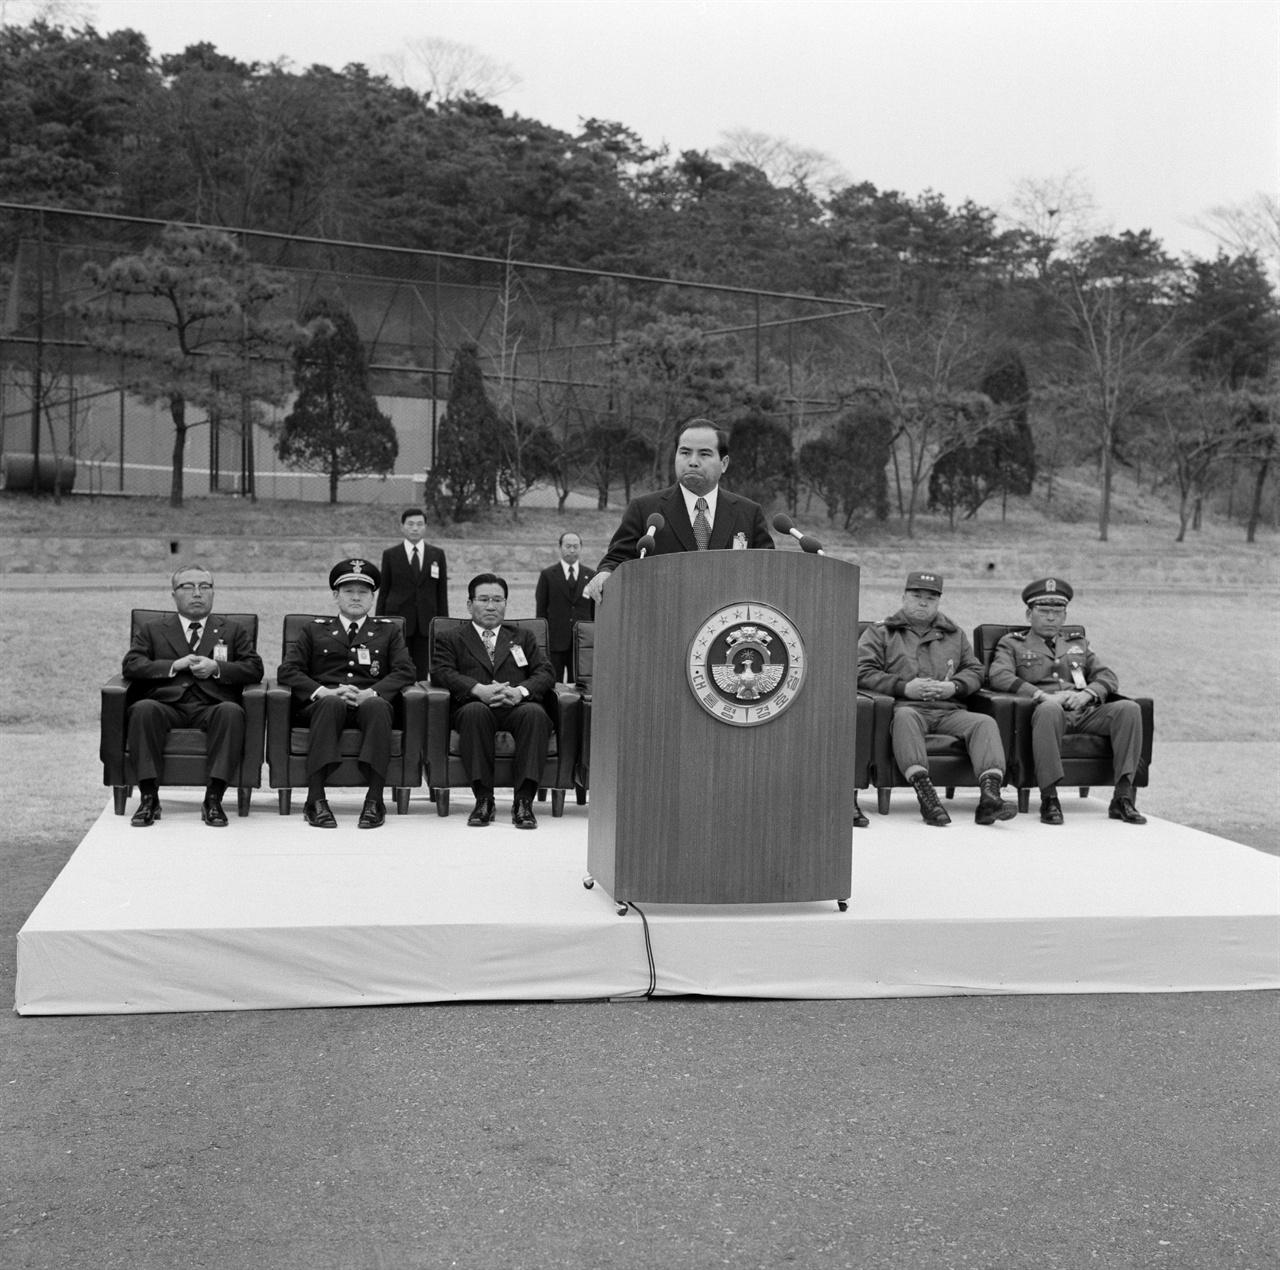 청와대 경호실장 차지철 1974년 12월 27일 대통령 경호실 창설기념식에서 연설하는 차지철의 모습이다. 경호실장이 된 뒤 장관급으로 경호실장을 격상시키고 현역 소장을 경호실 차장으로 두었다. 비상시에는 경호실이 수도경비사령부를 지휘할 수 있도록 했다. 차지철의 '월권'은 결국 10.26으로 이어졌다.